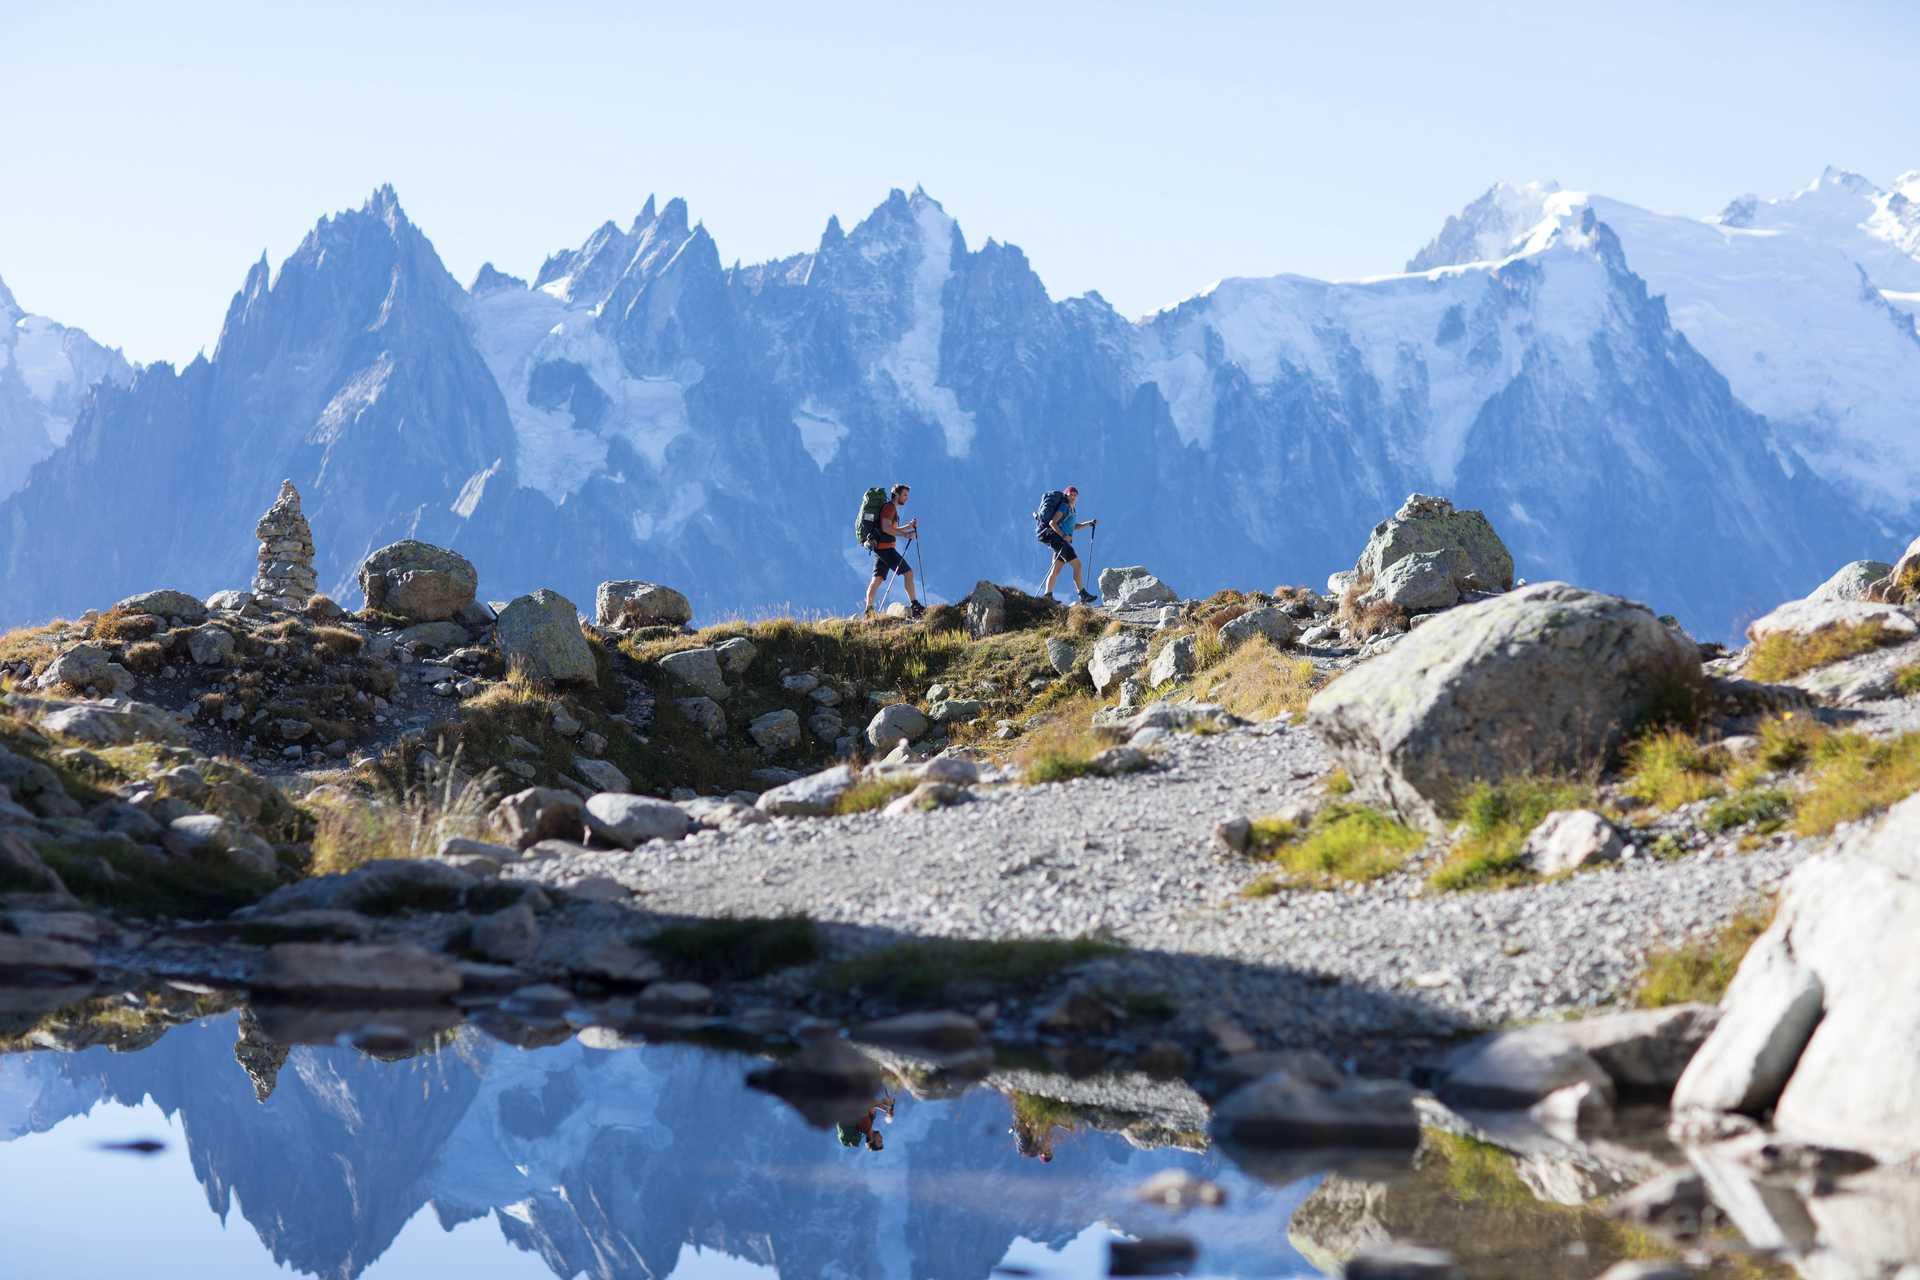 Lac Tour du Mont-Blanc